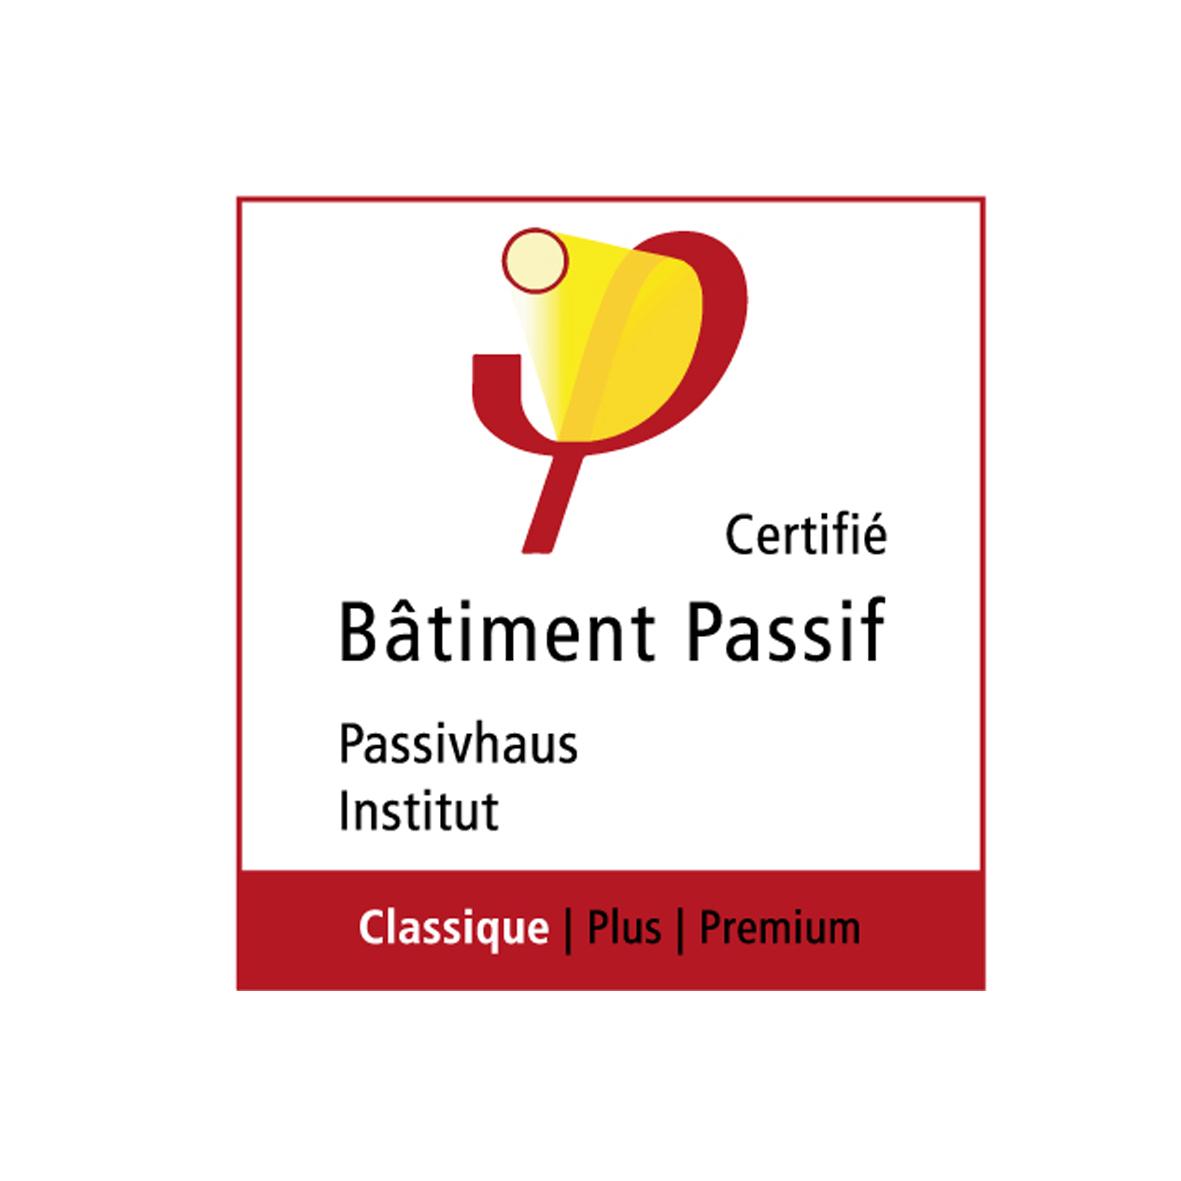 PASSIVHAUSS